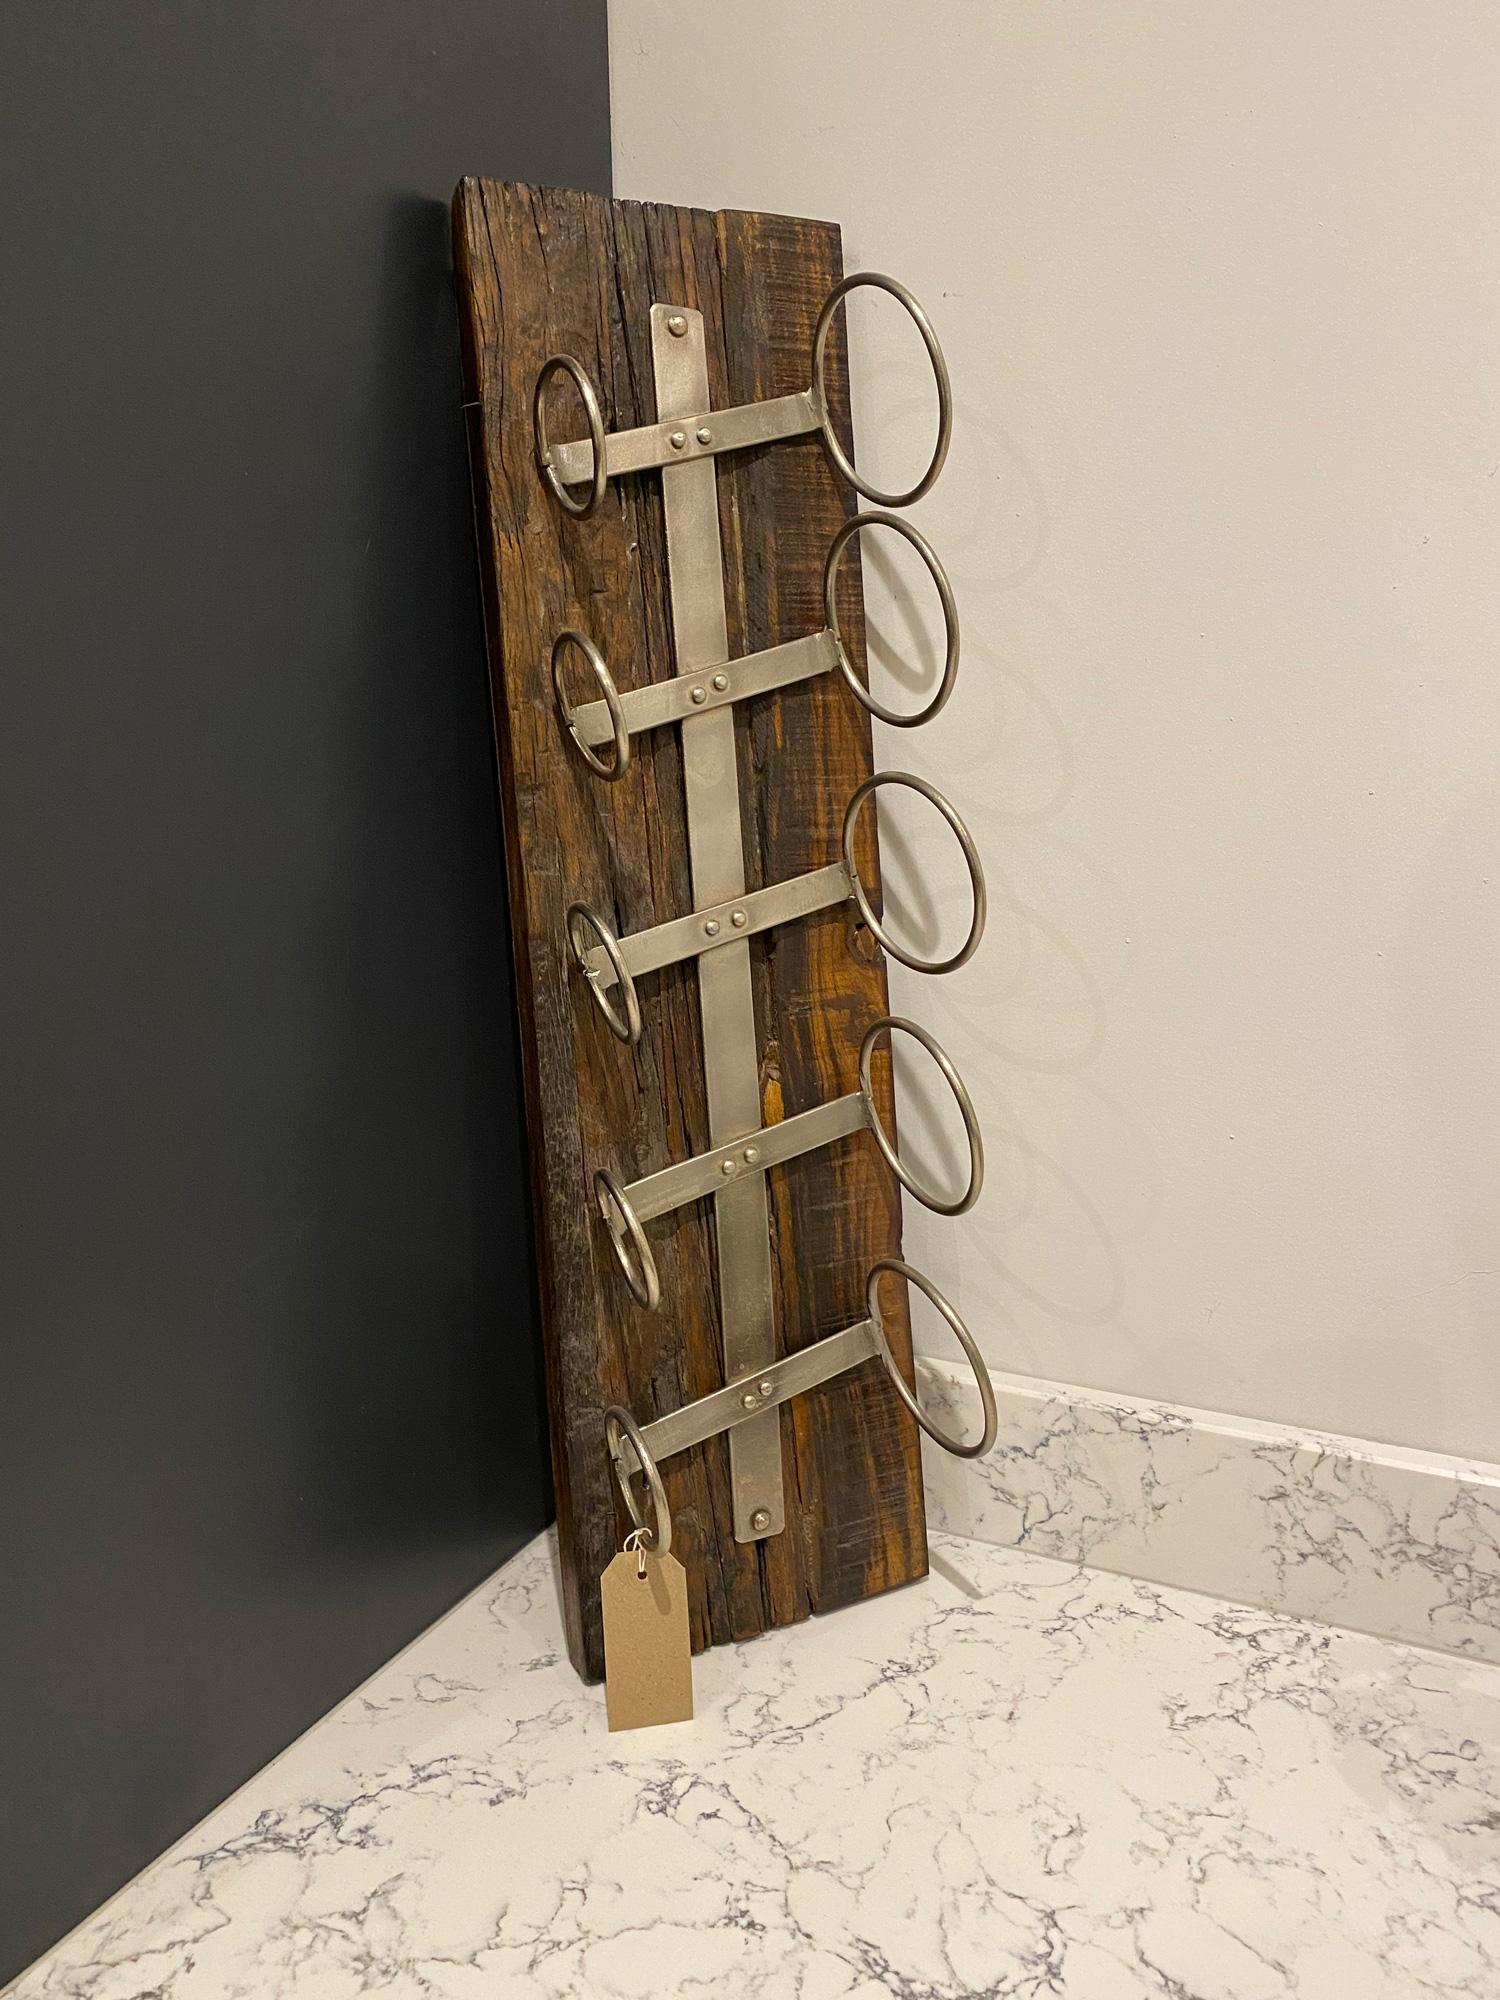 Reclaimed oak wine bottle holder with metal hoops